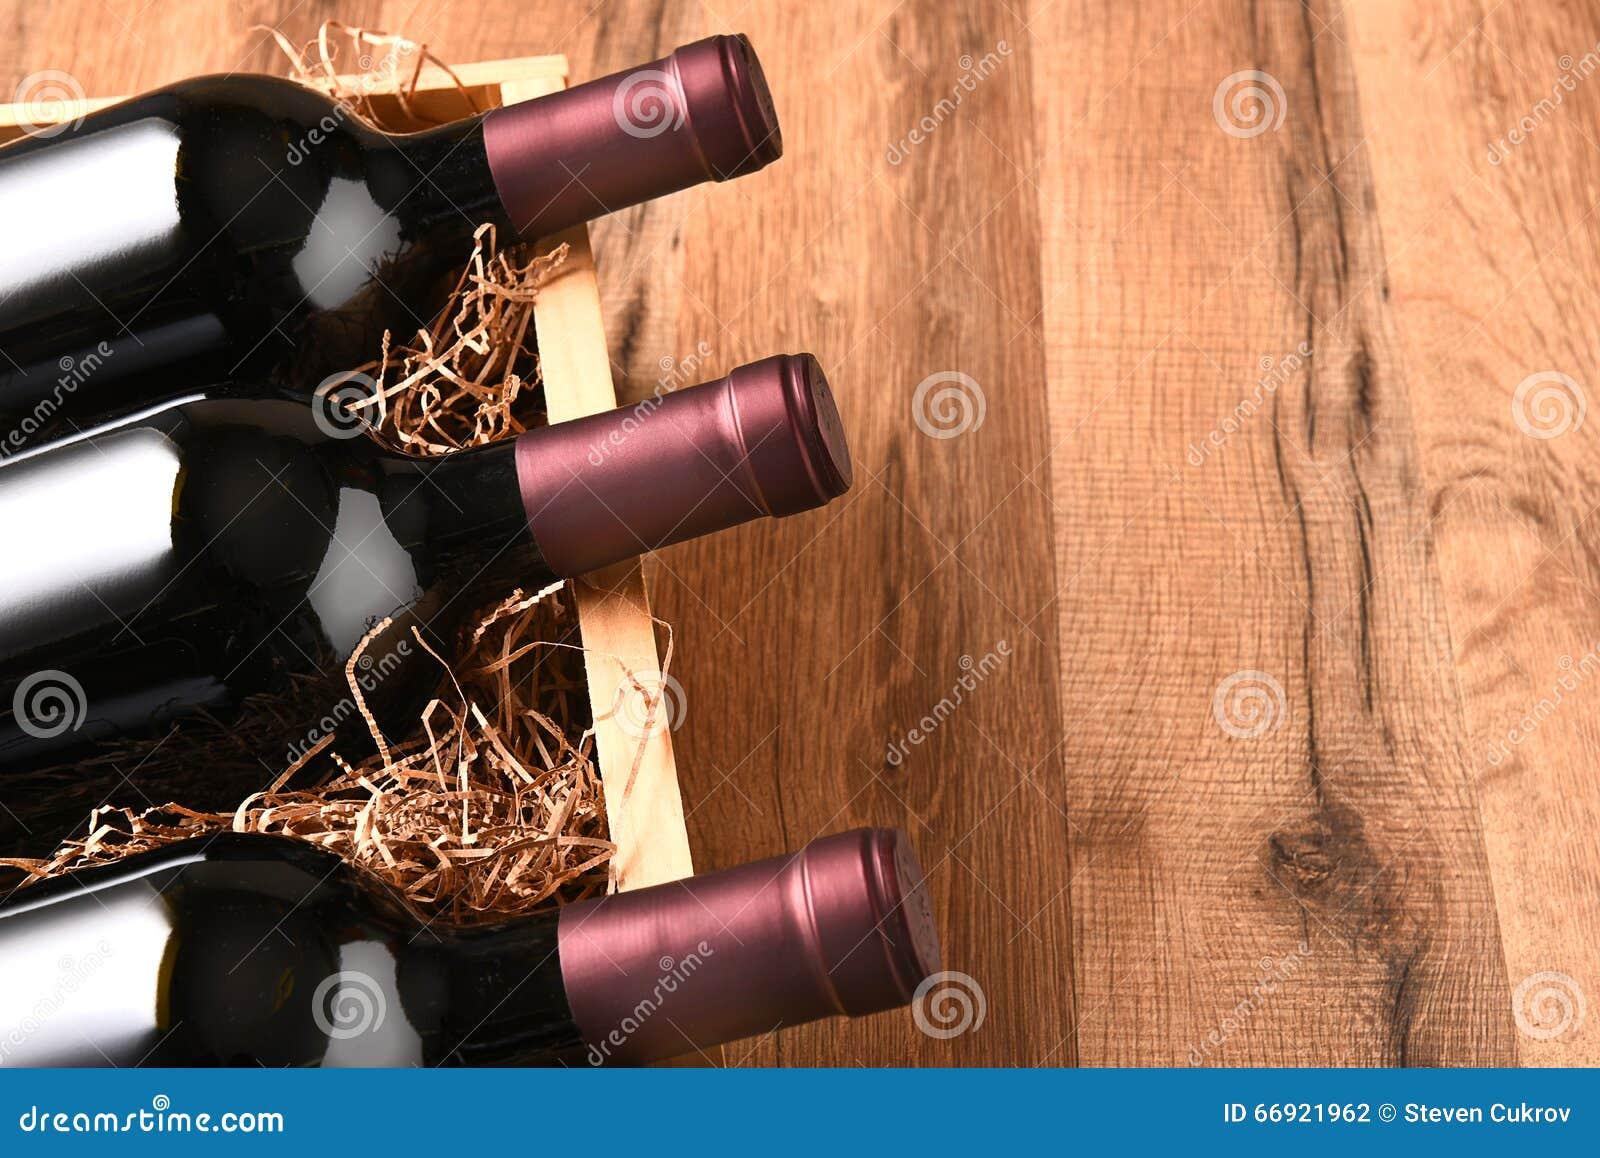 Hoher Winkel-Wein-Kiste stockfoto. Bild von flasche, cabernet - 66921962